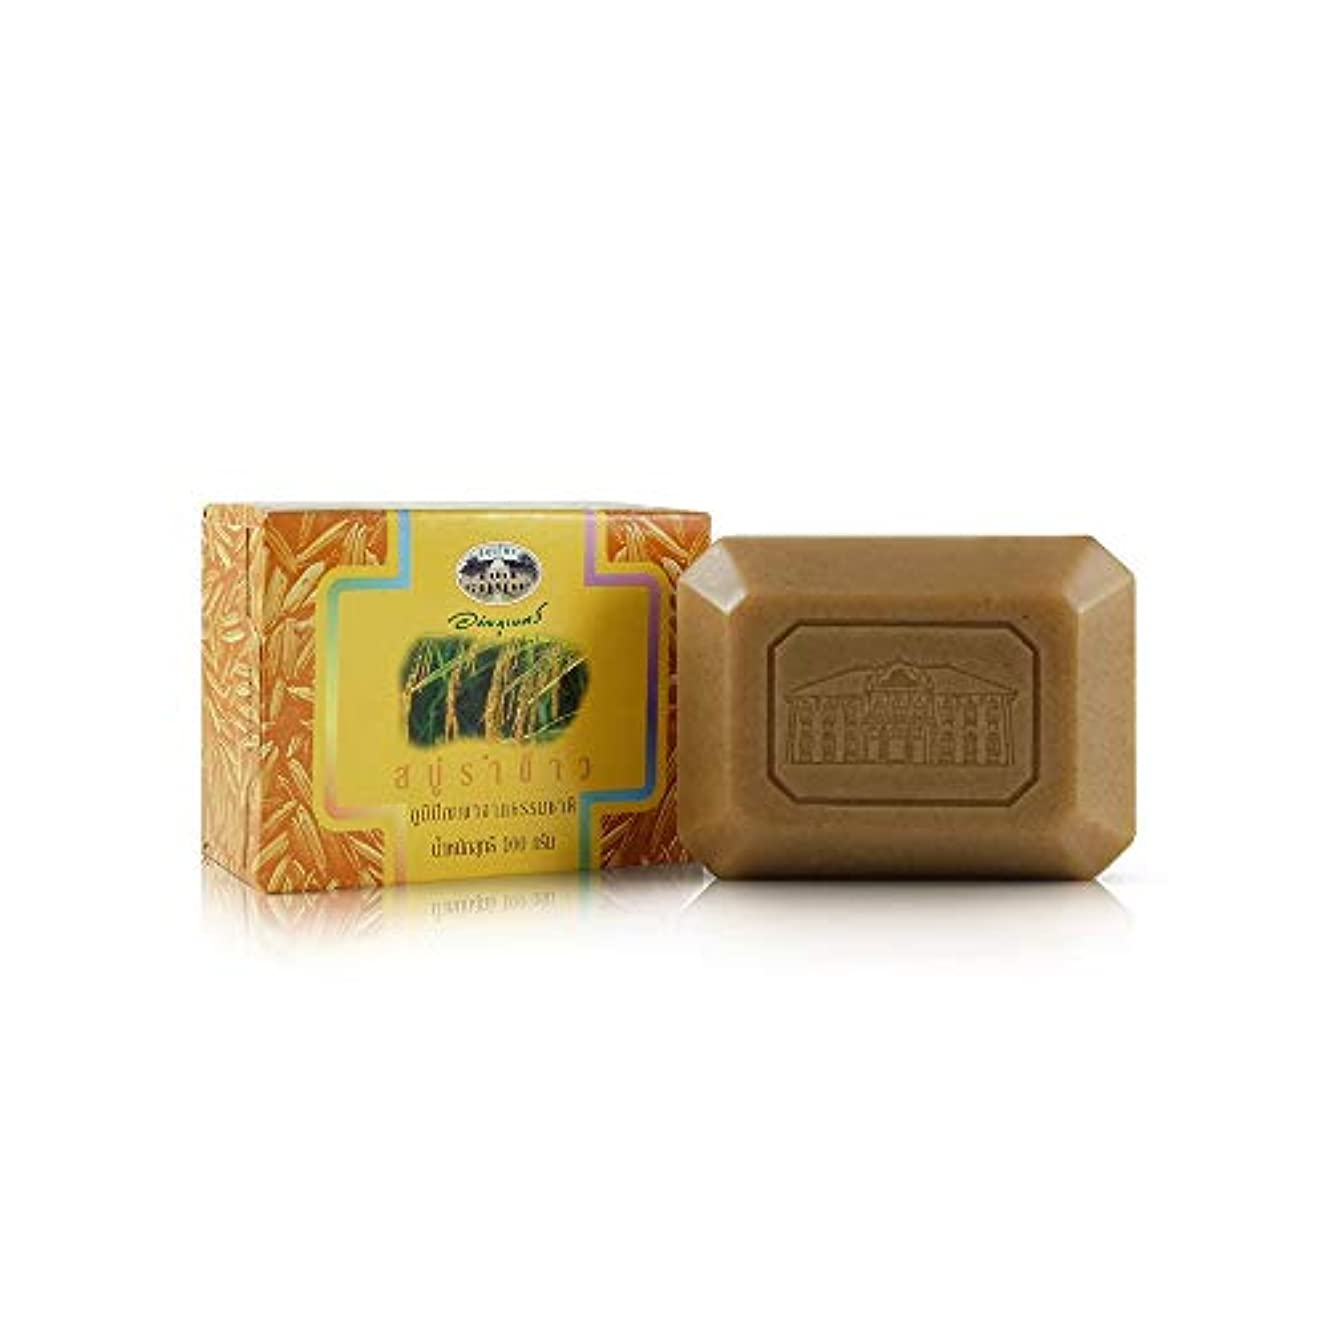 廃止するけん引序文Abhaibhubejhr Rice Bran Herbal Body Cleansing Soap 100g. Abhaibhubejhrライスブランハーブボディクレンジングソープ100グラム。